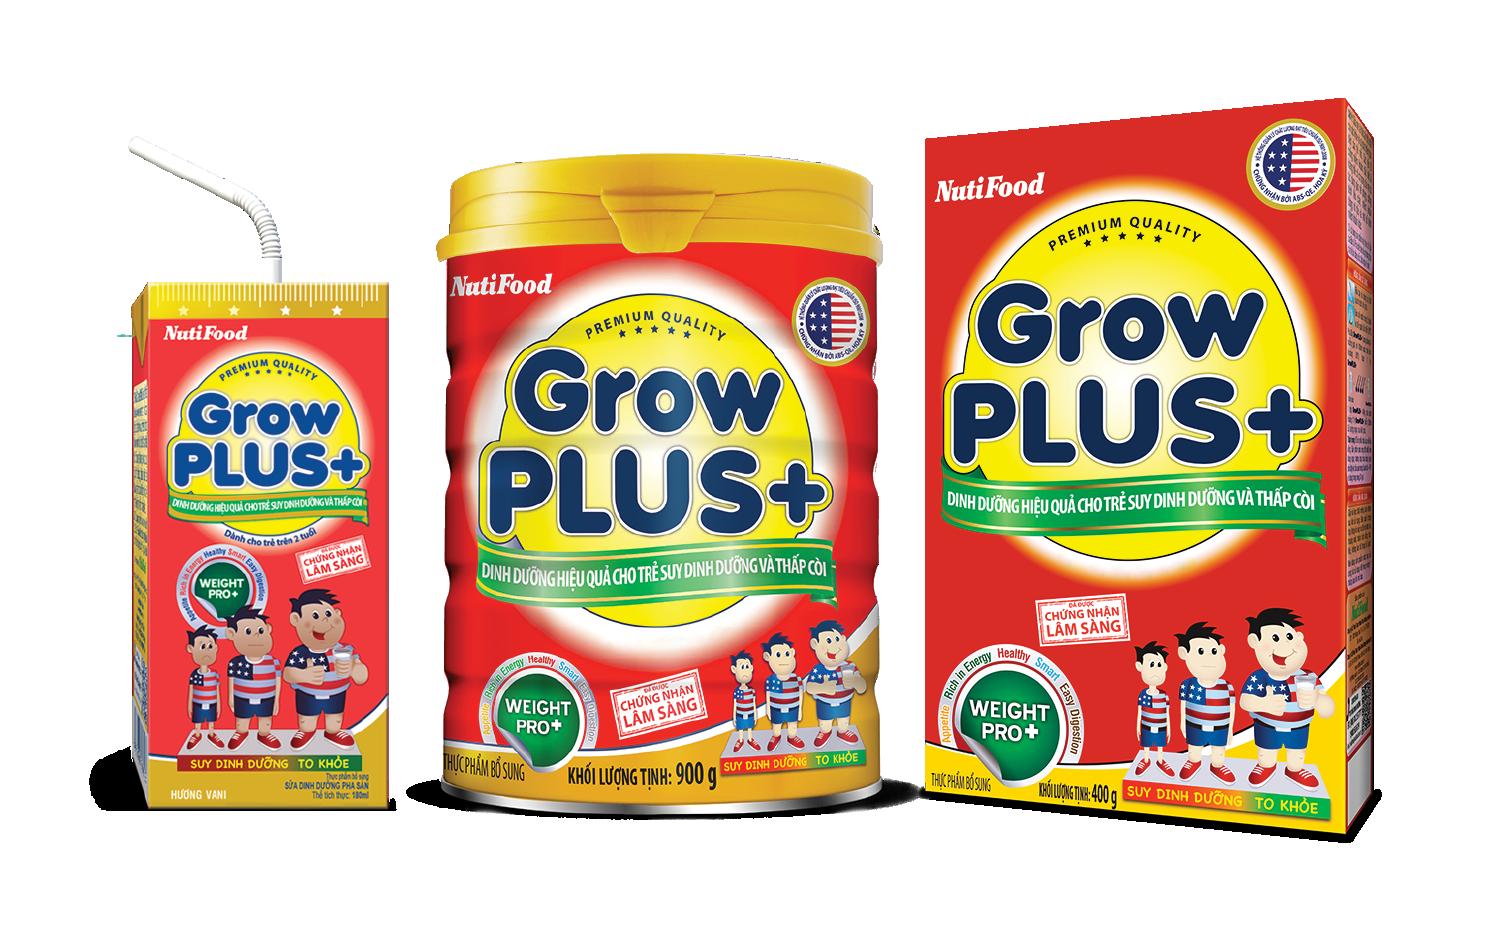 Sữa Growplus+ cho trẻ suy dinh dưỡng